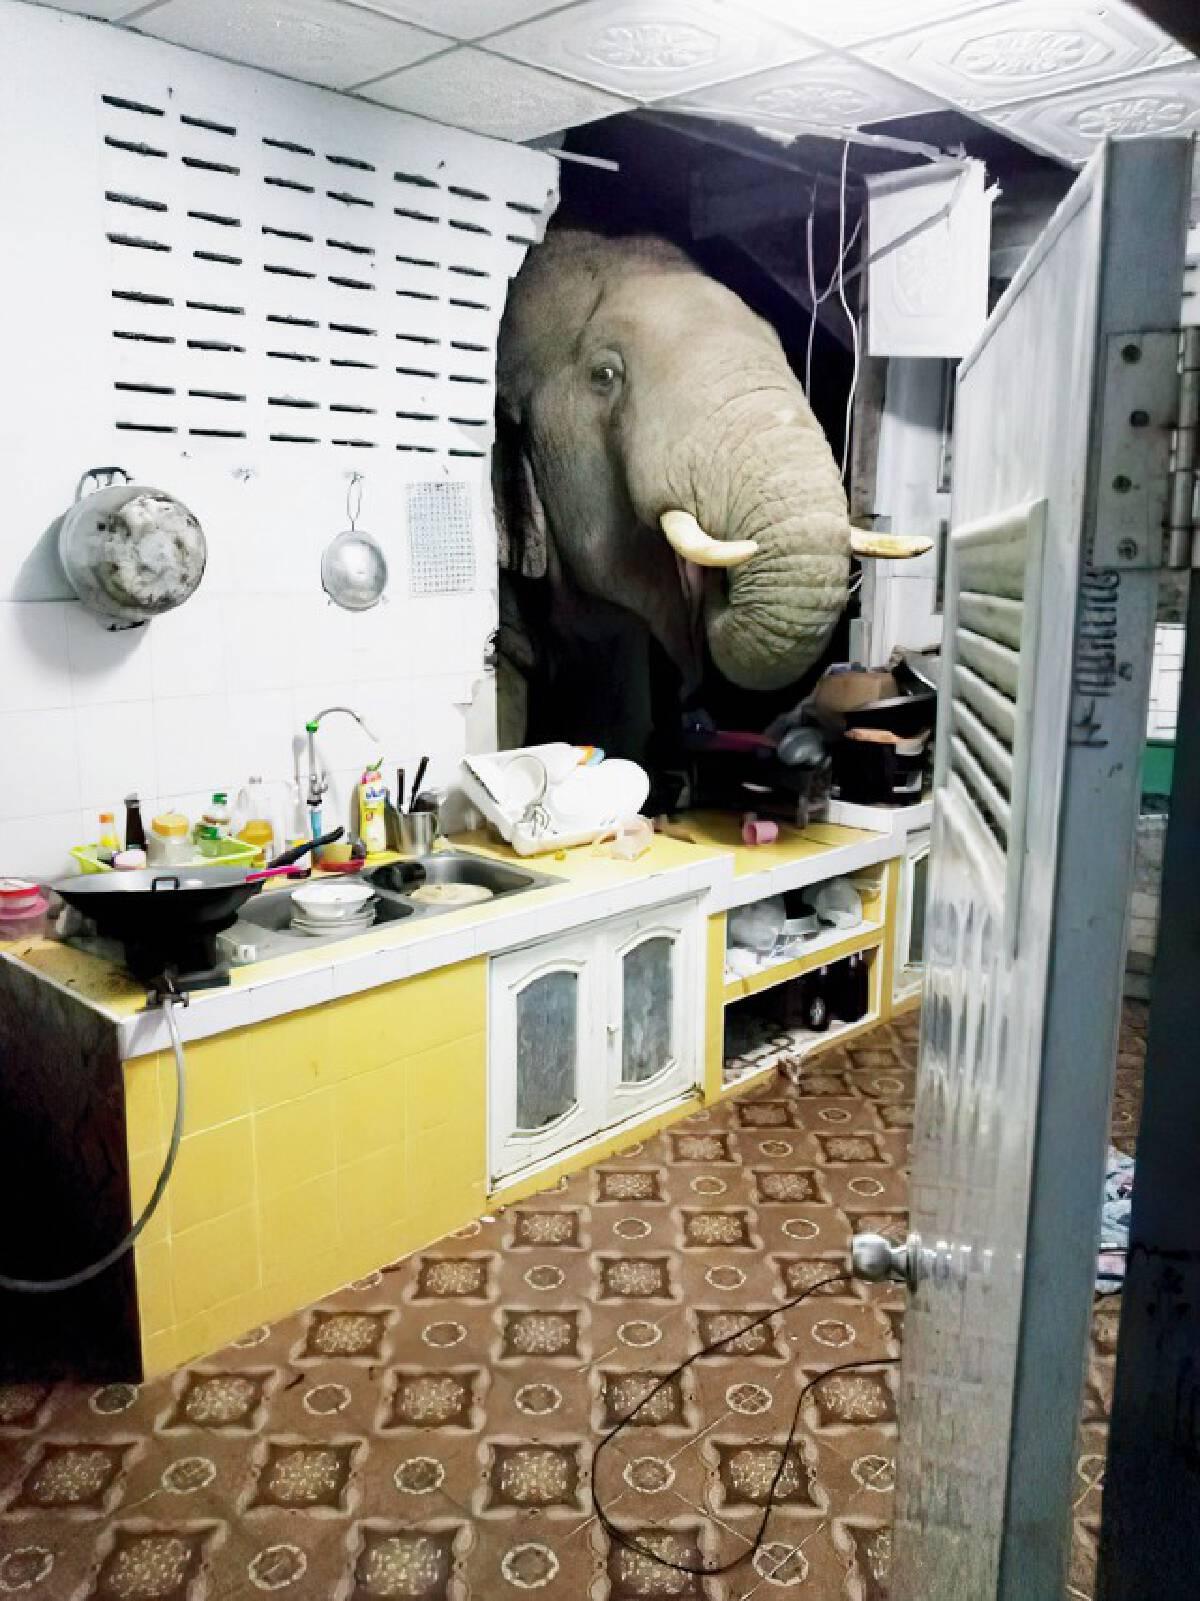 ช้างป่าละอูหิวโซบุกพังครัวบ้านค้นหาอาหารกิน